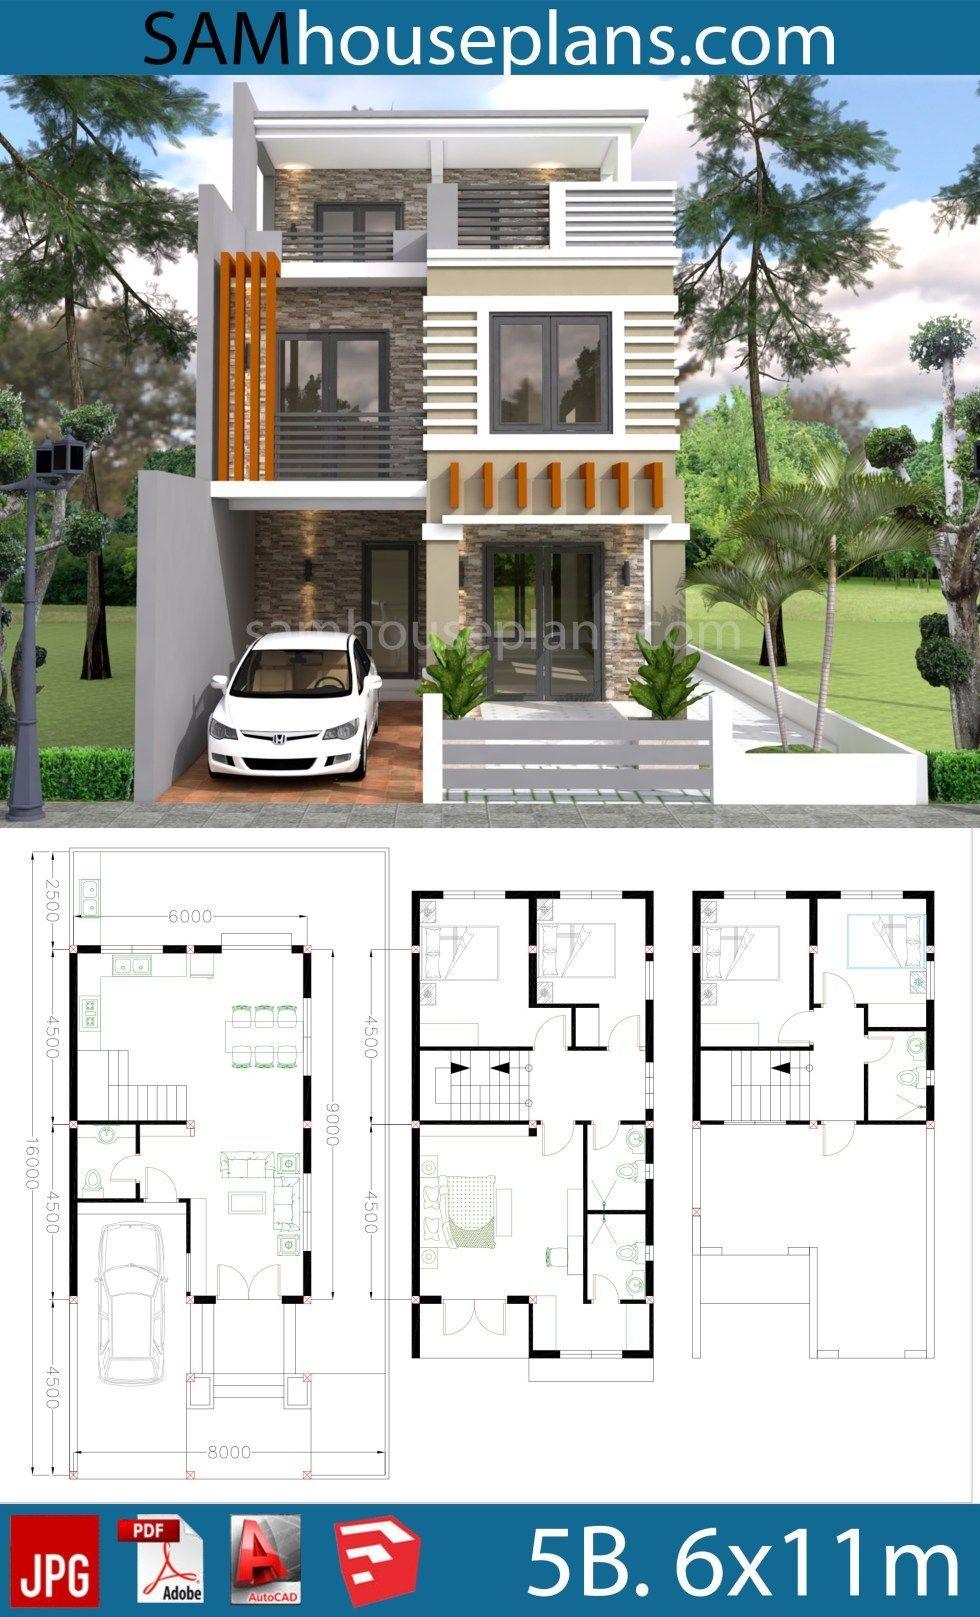 House Plans 6x11m With 5 Bedrooms Plot 8x16m House Construction Plan Duplex House Design Model House Plan